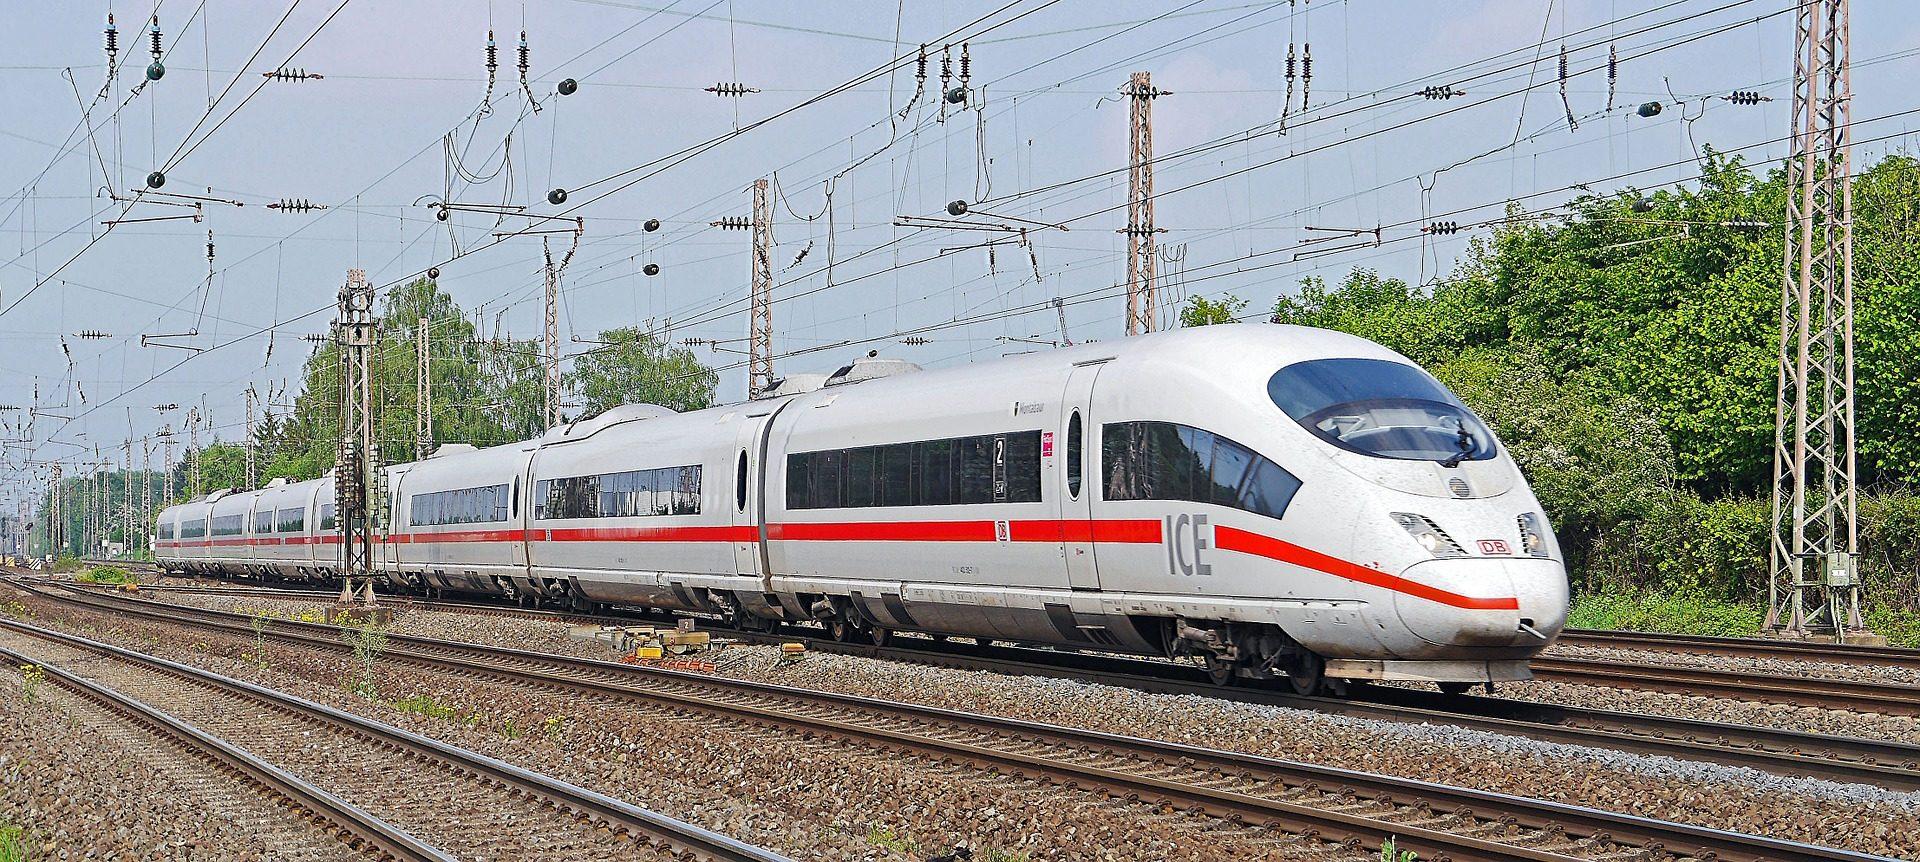 train, chemin de fer, voies, Rails, aérodynamique - Fonds d'écran HD - Professor-falken.com